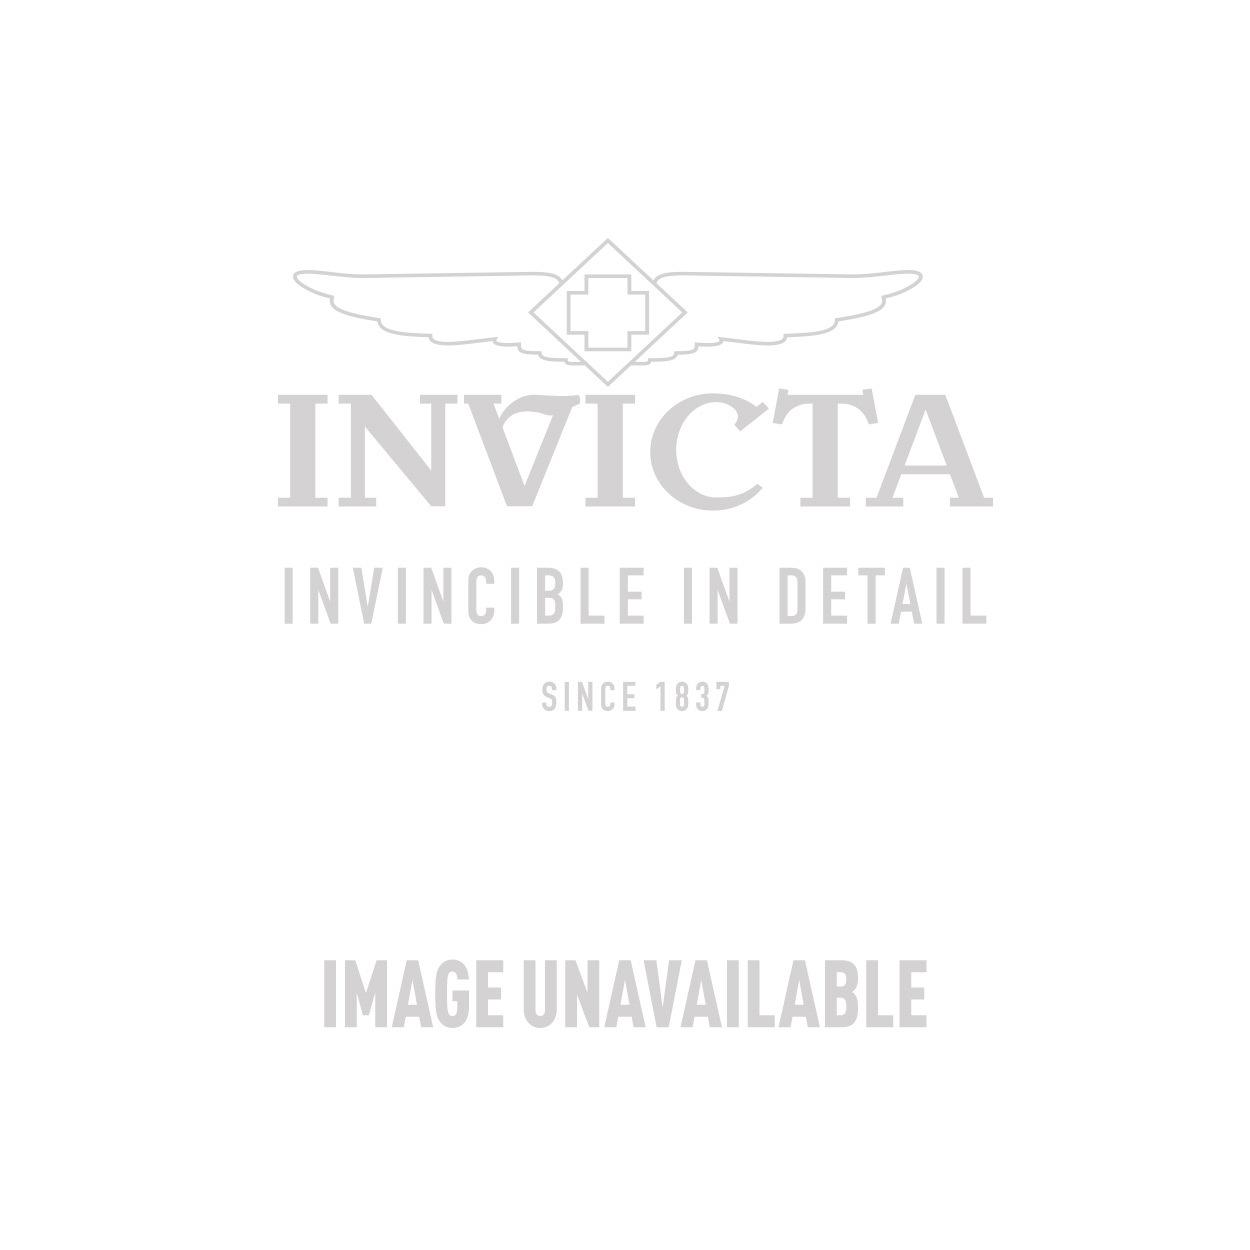 Invicta Model 28490